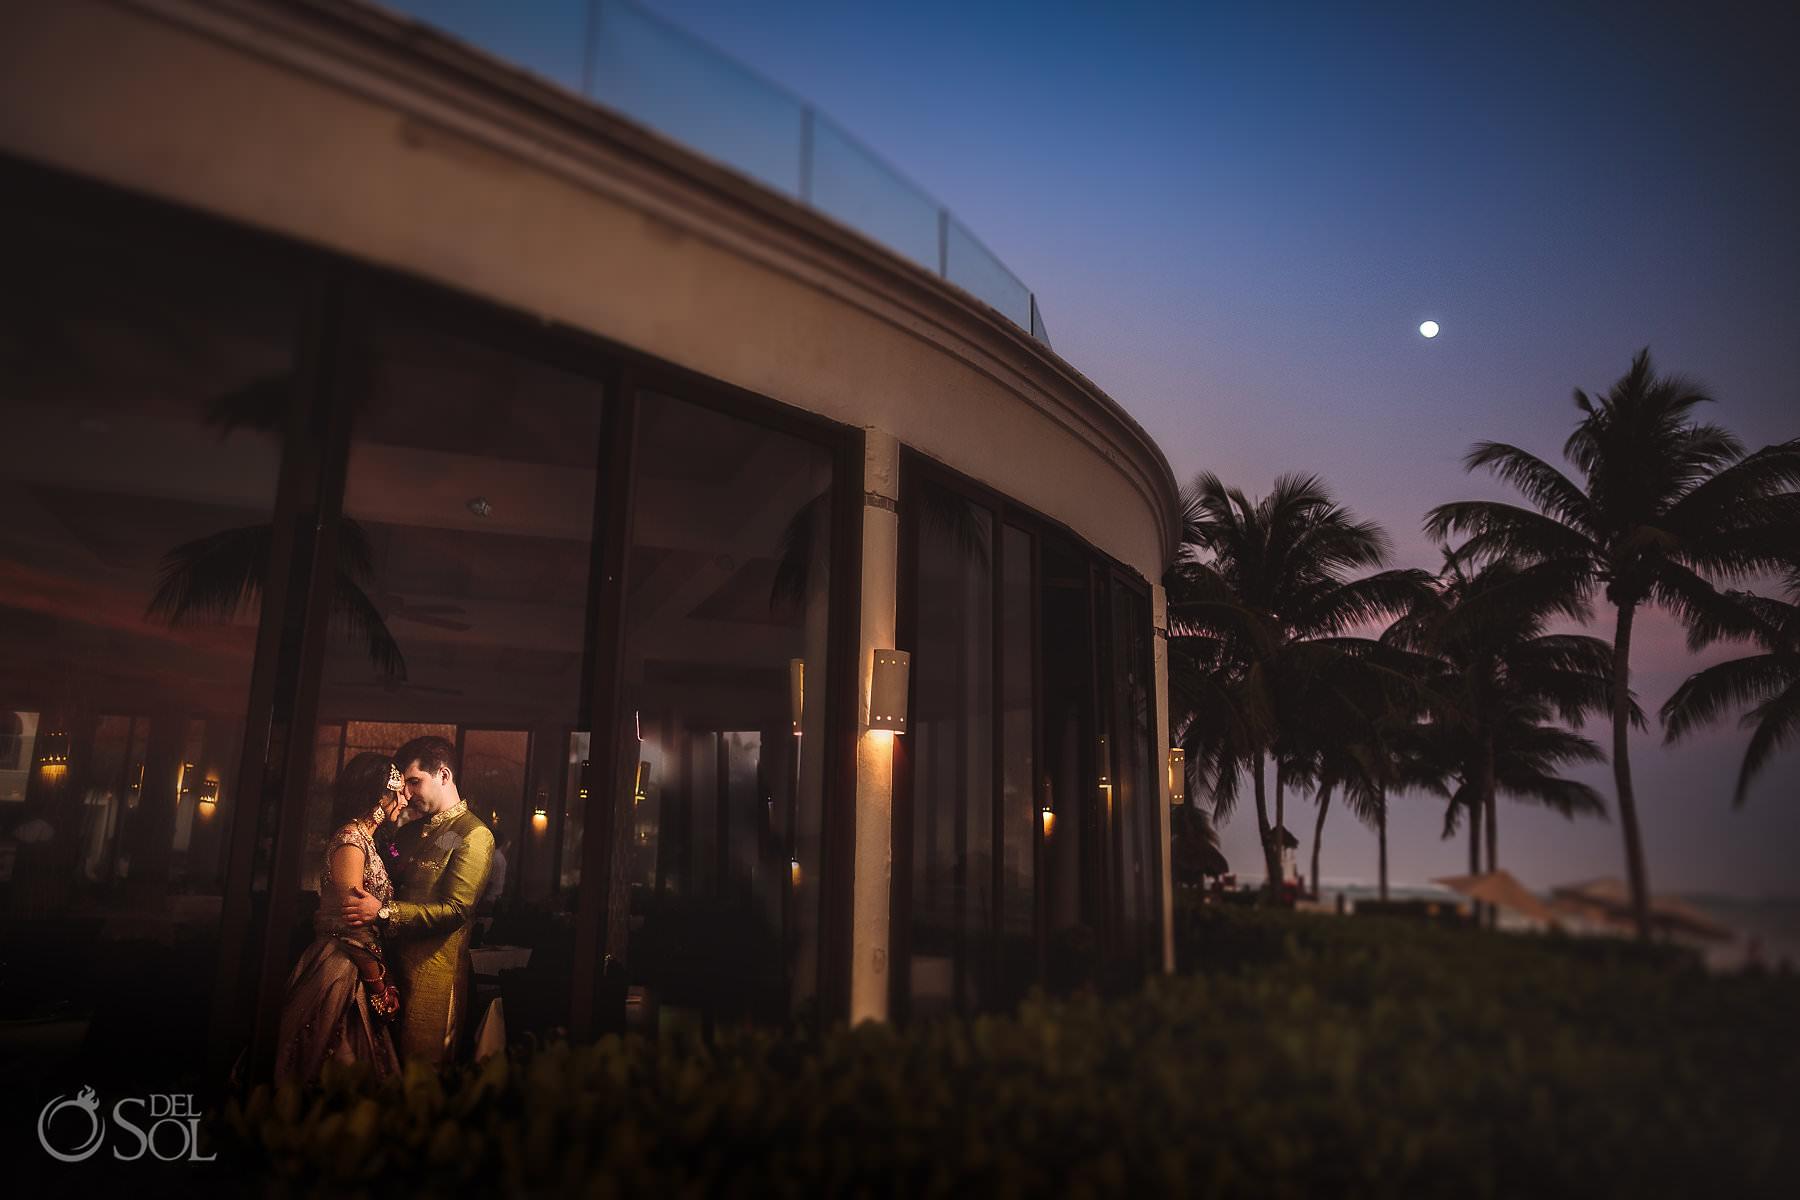 Dreams Tulum multi-cultural wedding sunset portrait